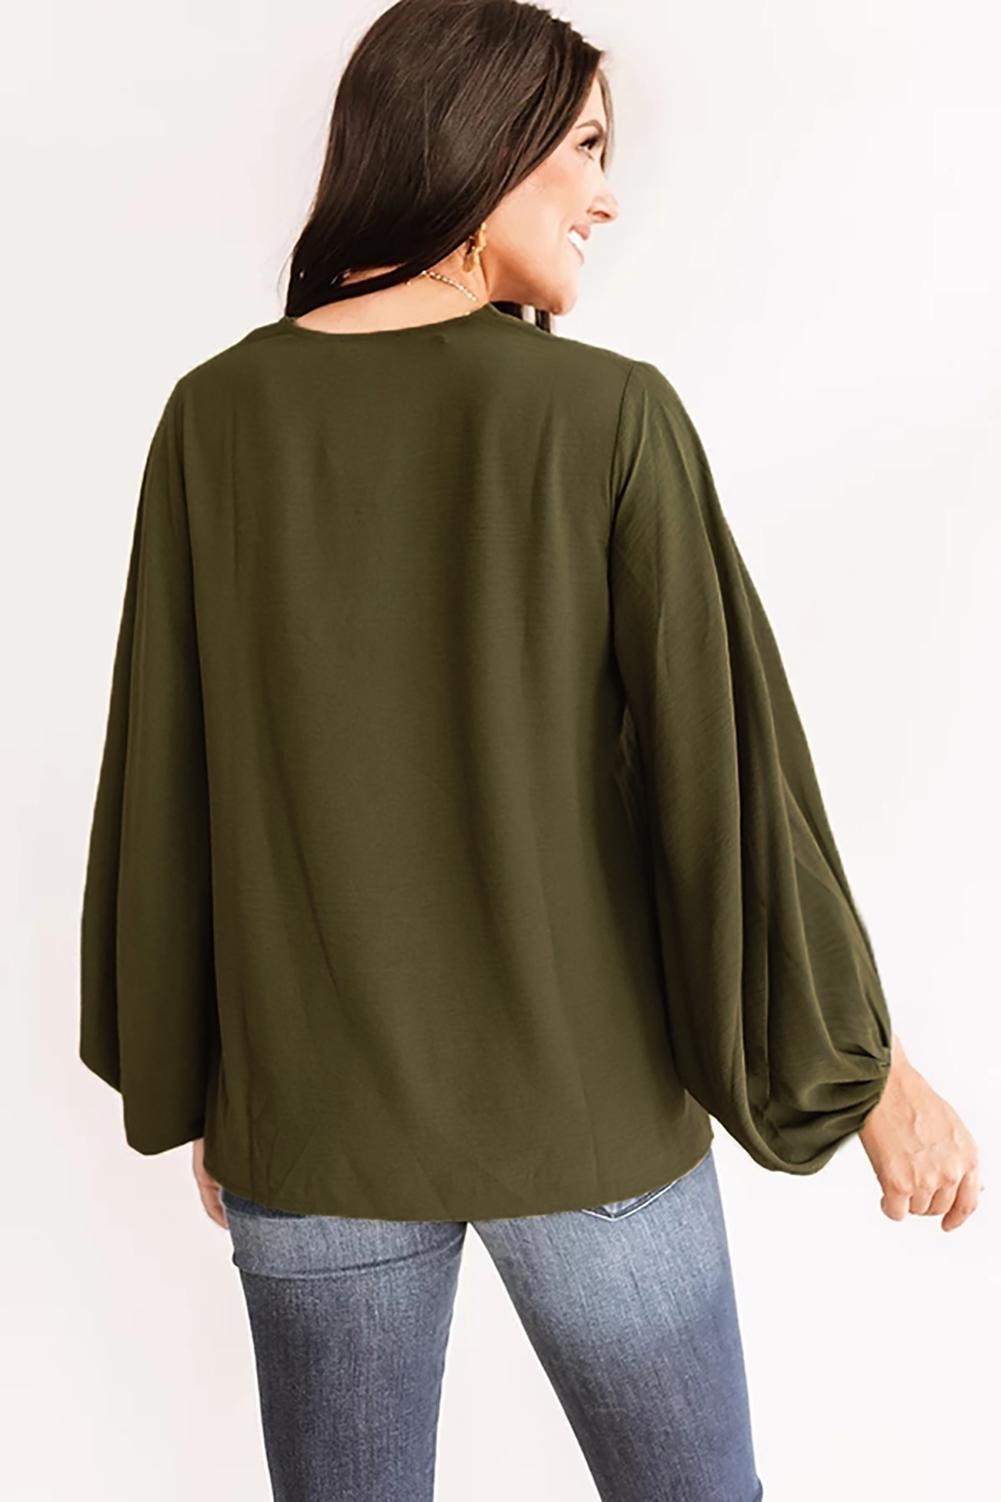 绿色V领弹性袖口长袖轻巧简约上衣 LC253047